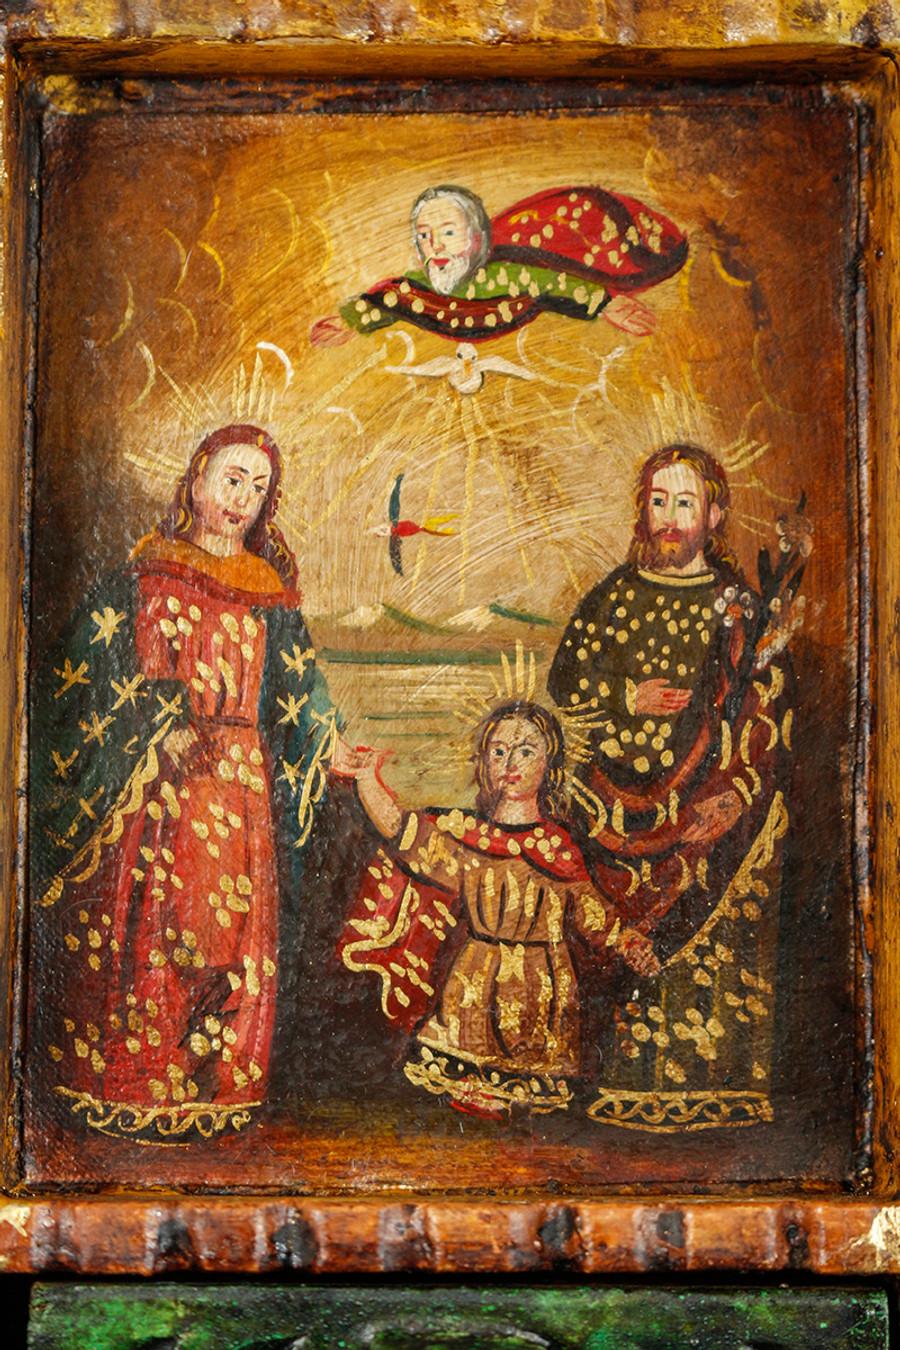 Holy Family Colonial Peru Art Handmade Retablo Handcarved Altarpiece (71-100-04432)